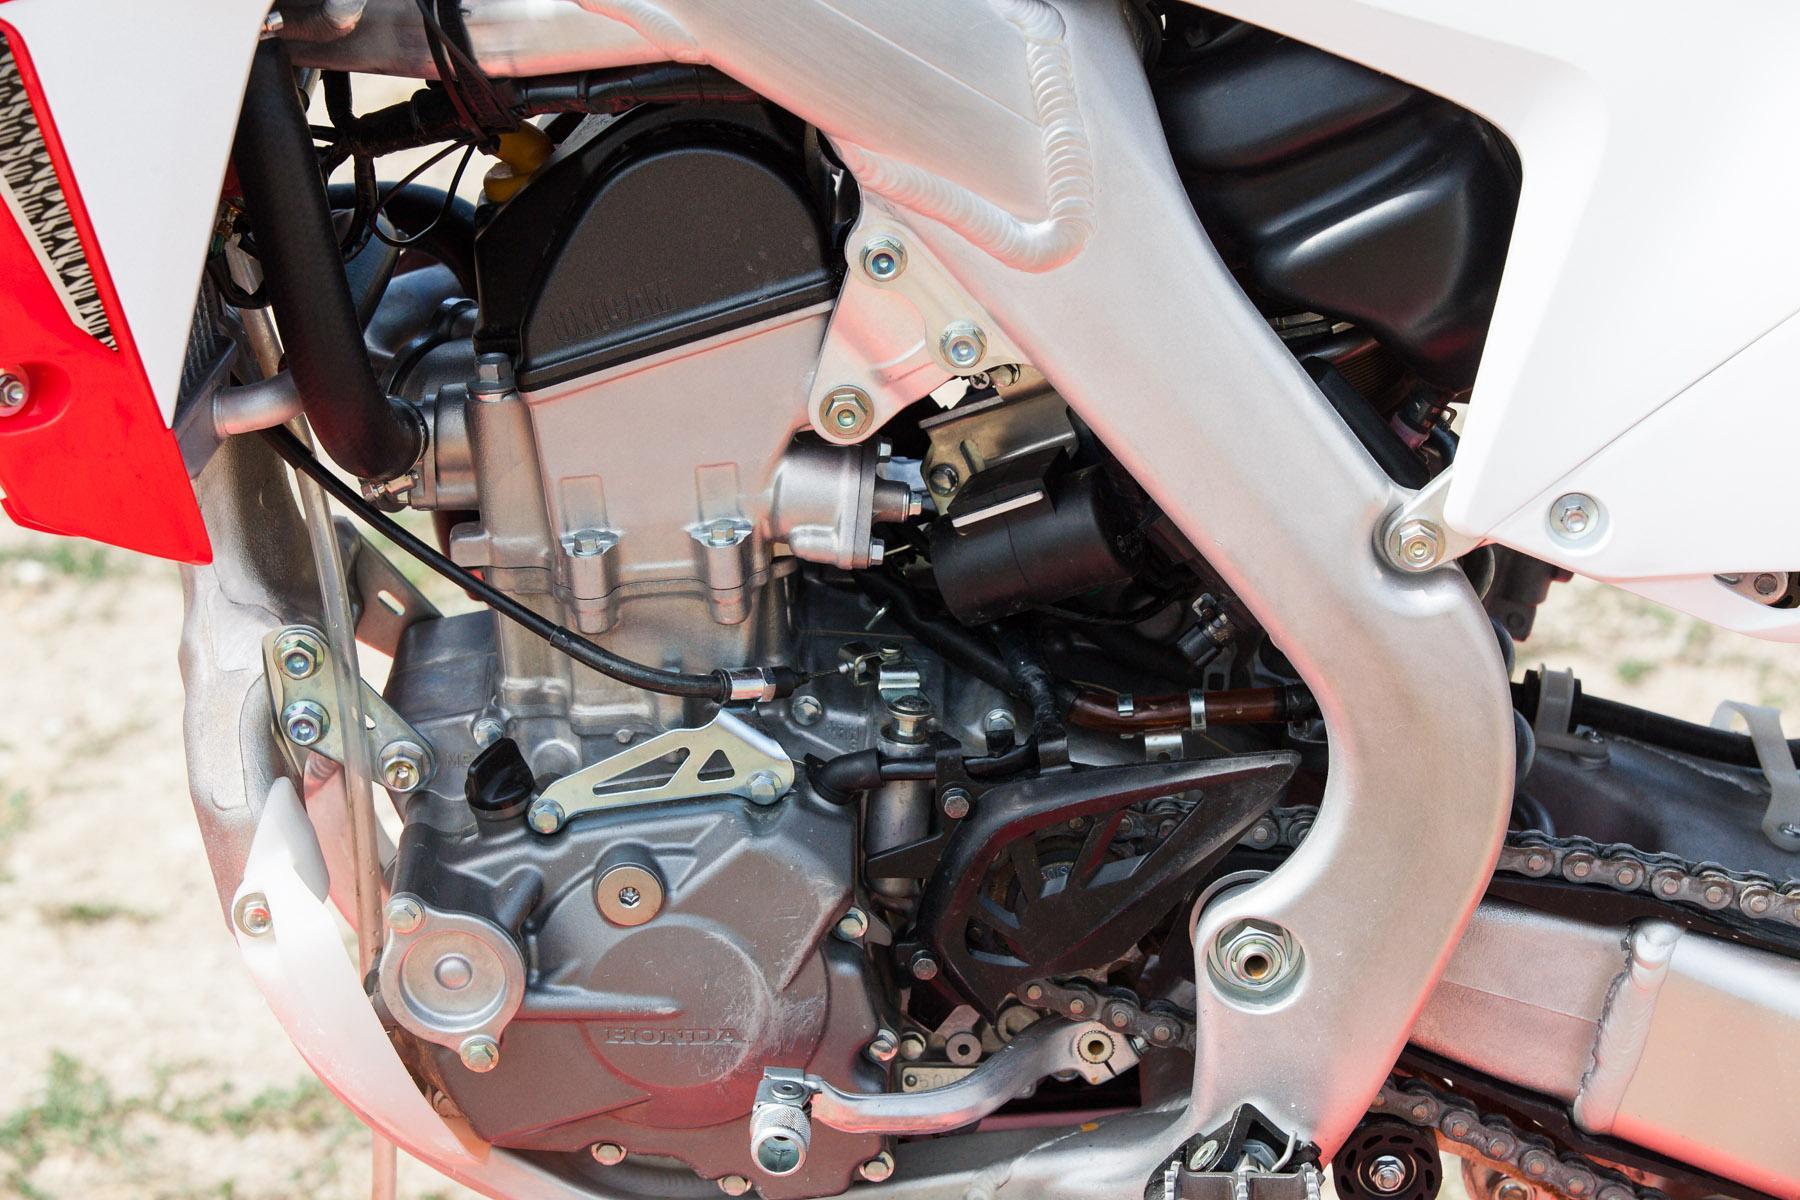 http://www.motorrad-bilder.at/slideshows/291/009959/honda_CRF205R_2013-26.jpg